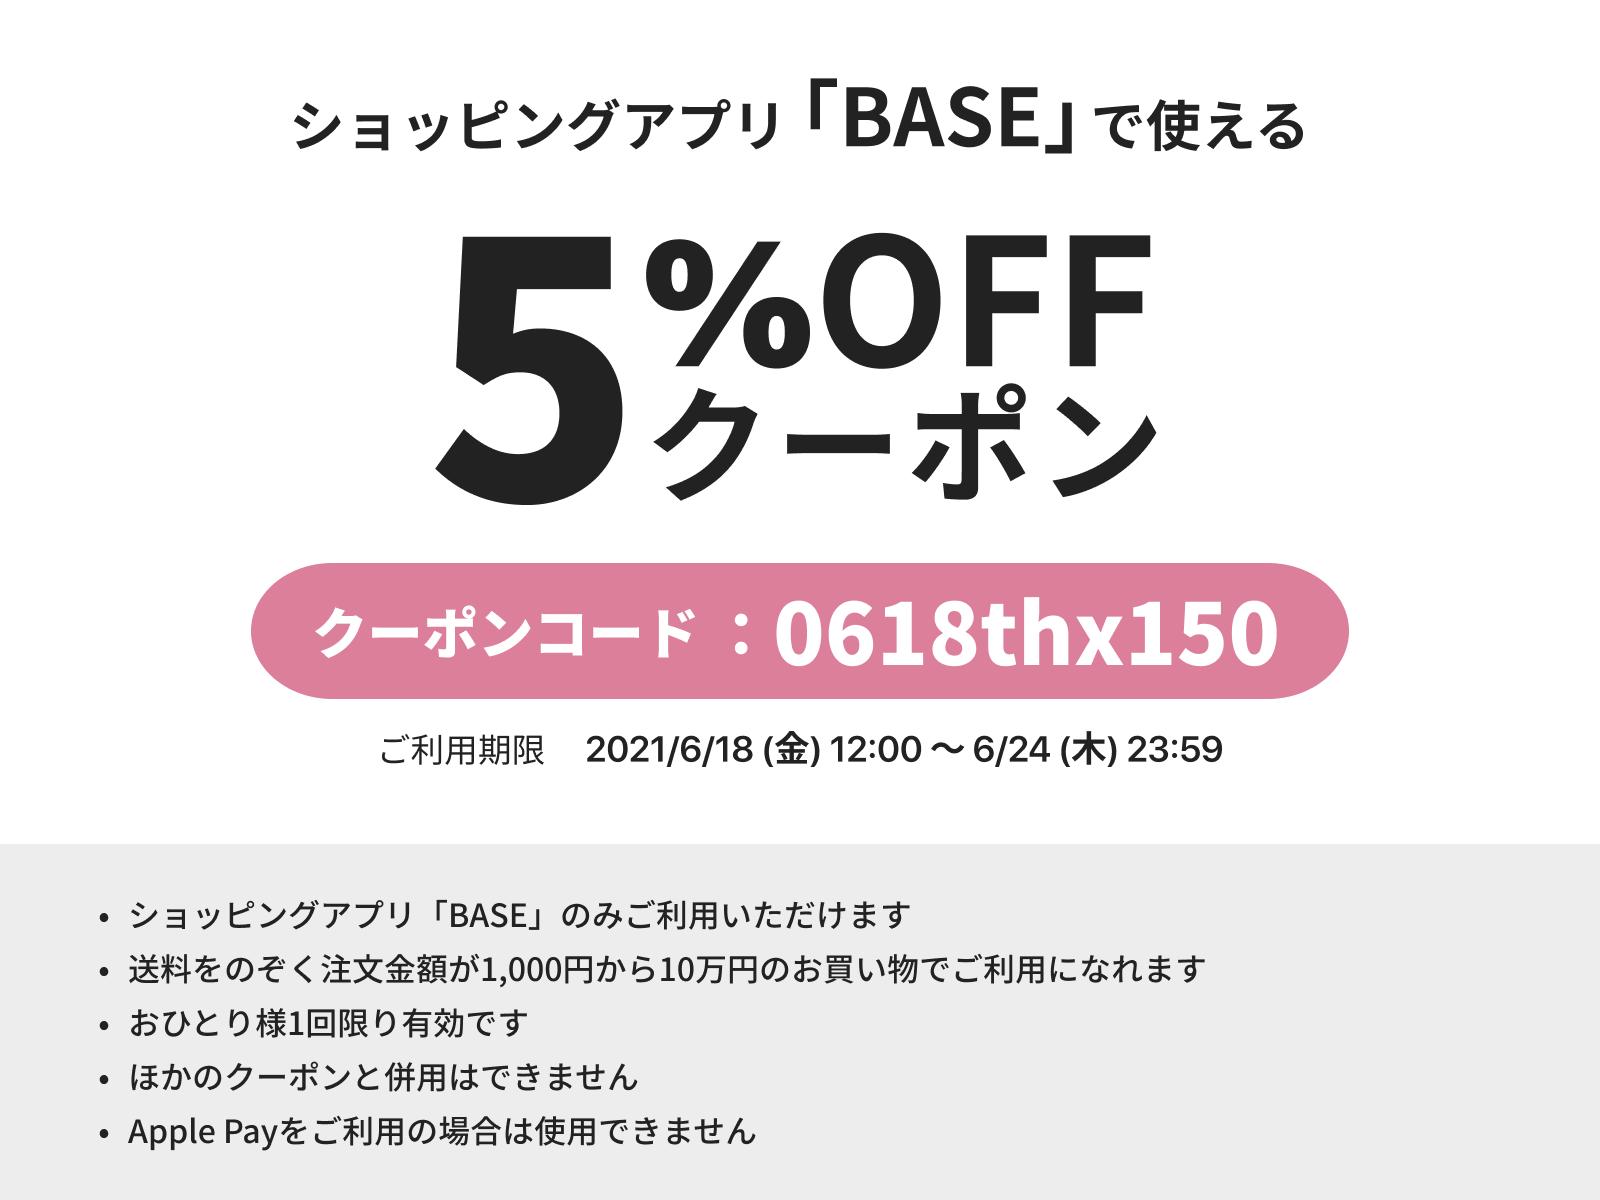 【6/18~6/24 期間限定!】 5%OFFクーポンをプレゼント♪♪